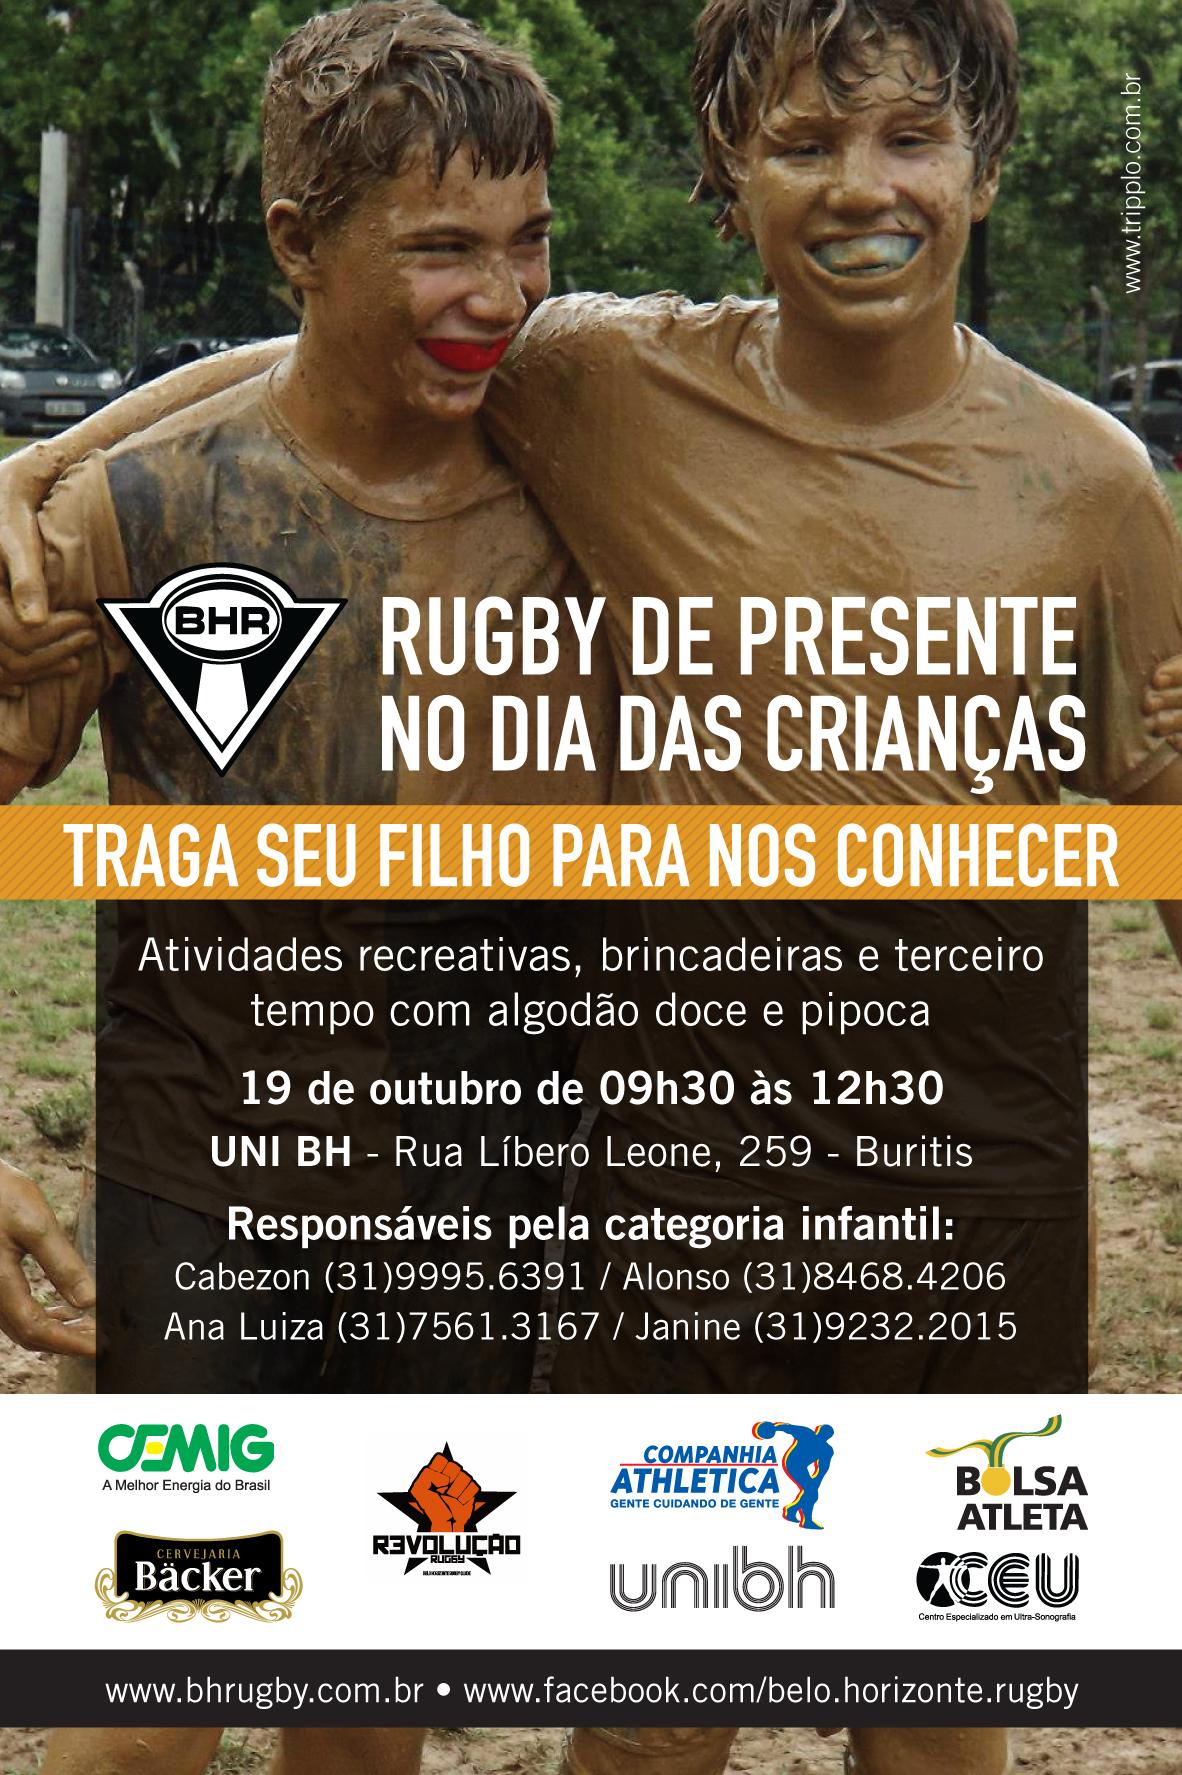 bh-rugby-dia-das-criancas-2013